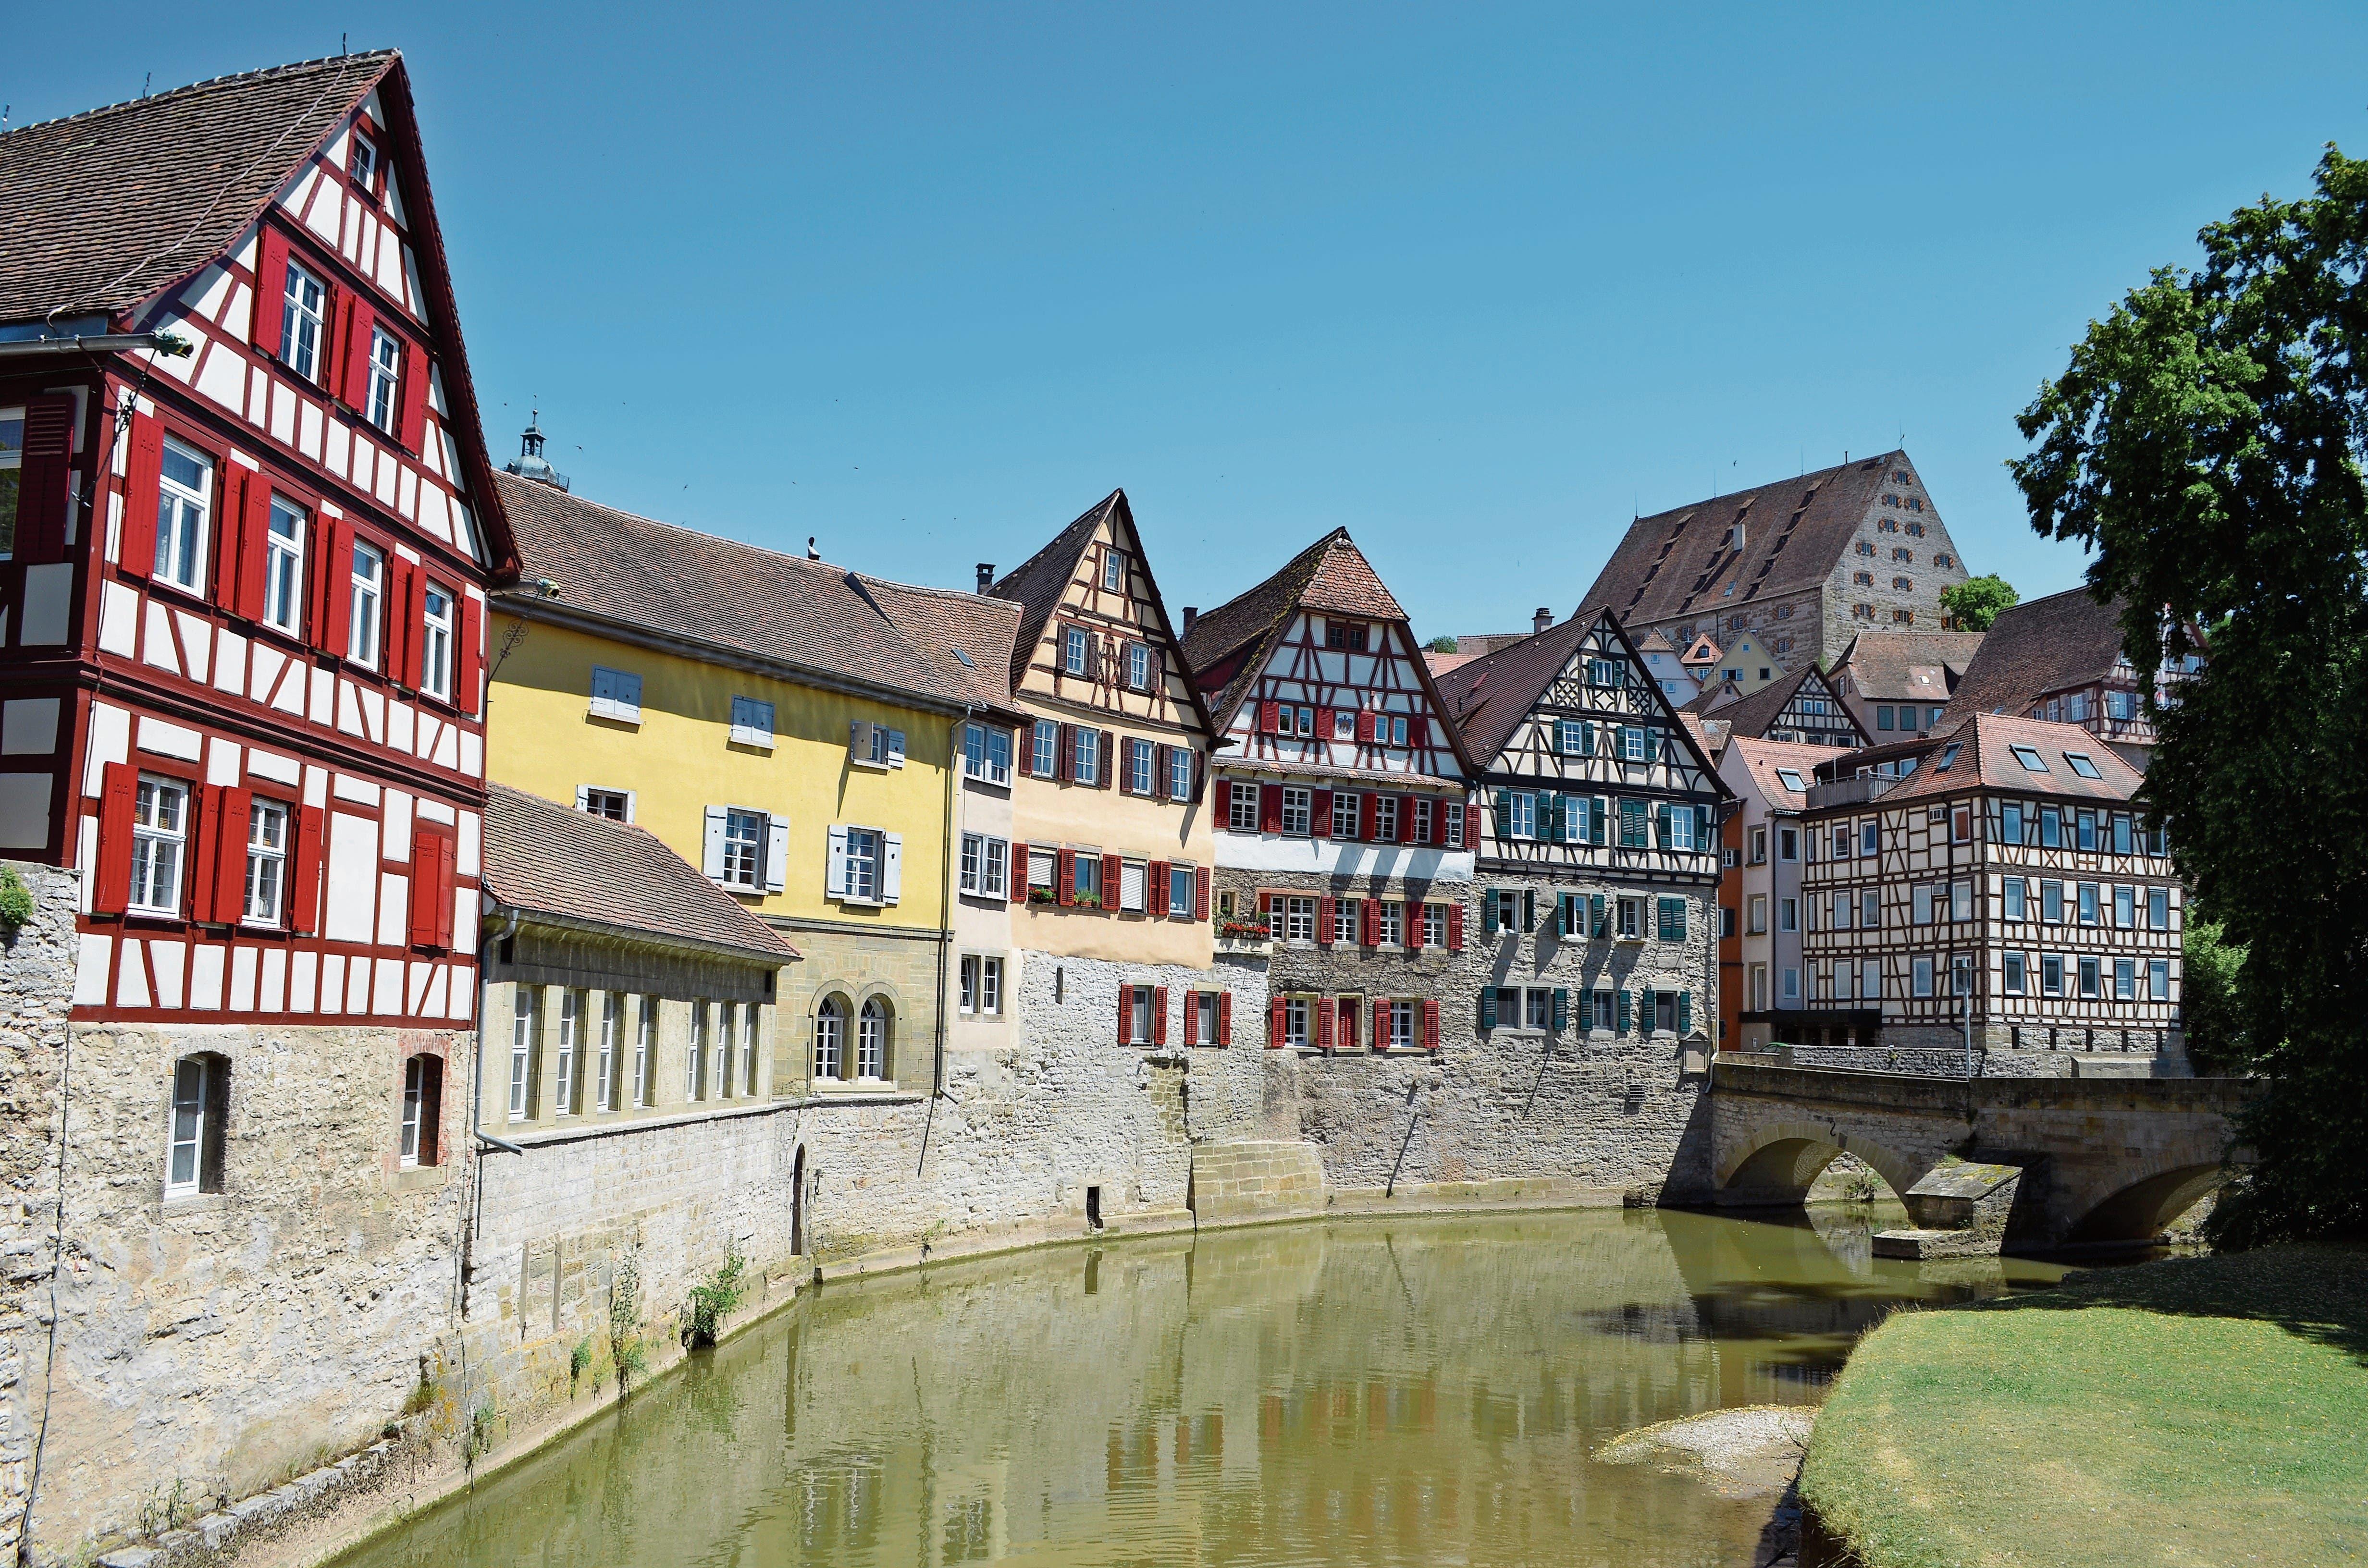 Schwäbisch Hall hat eine malerische historische Altstadt. (Bild: Christa Kamm-Sager)